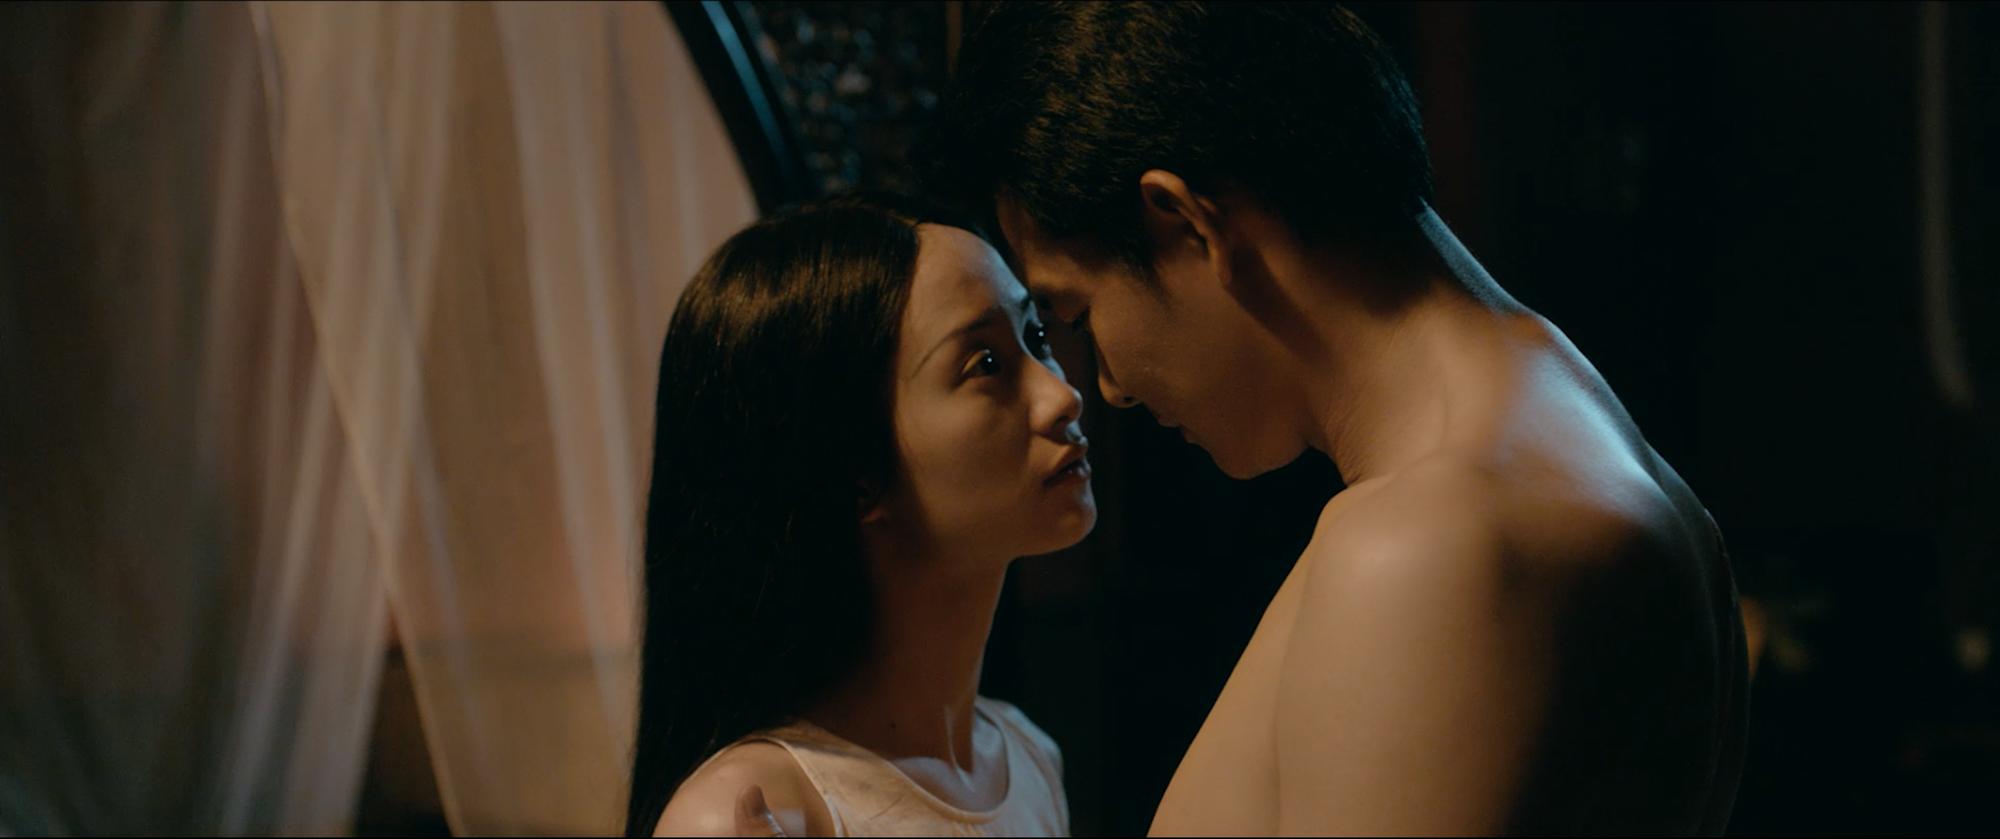 Ả đào Jun Vũ hứa hẹn lột xác bằng cảnh nóng với Quách Ngọc Ngoan trong Người Bất Tử - Ảnh 6.